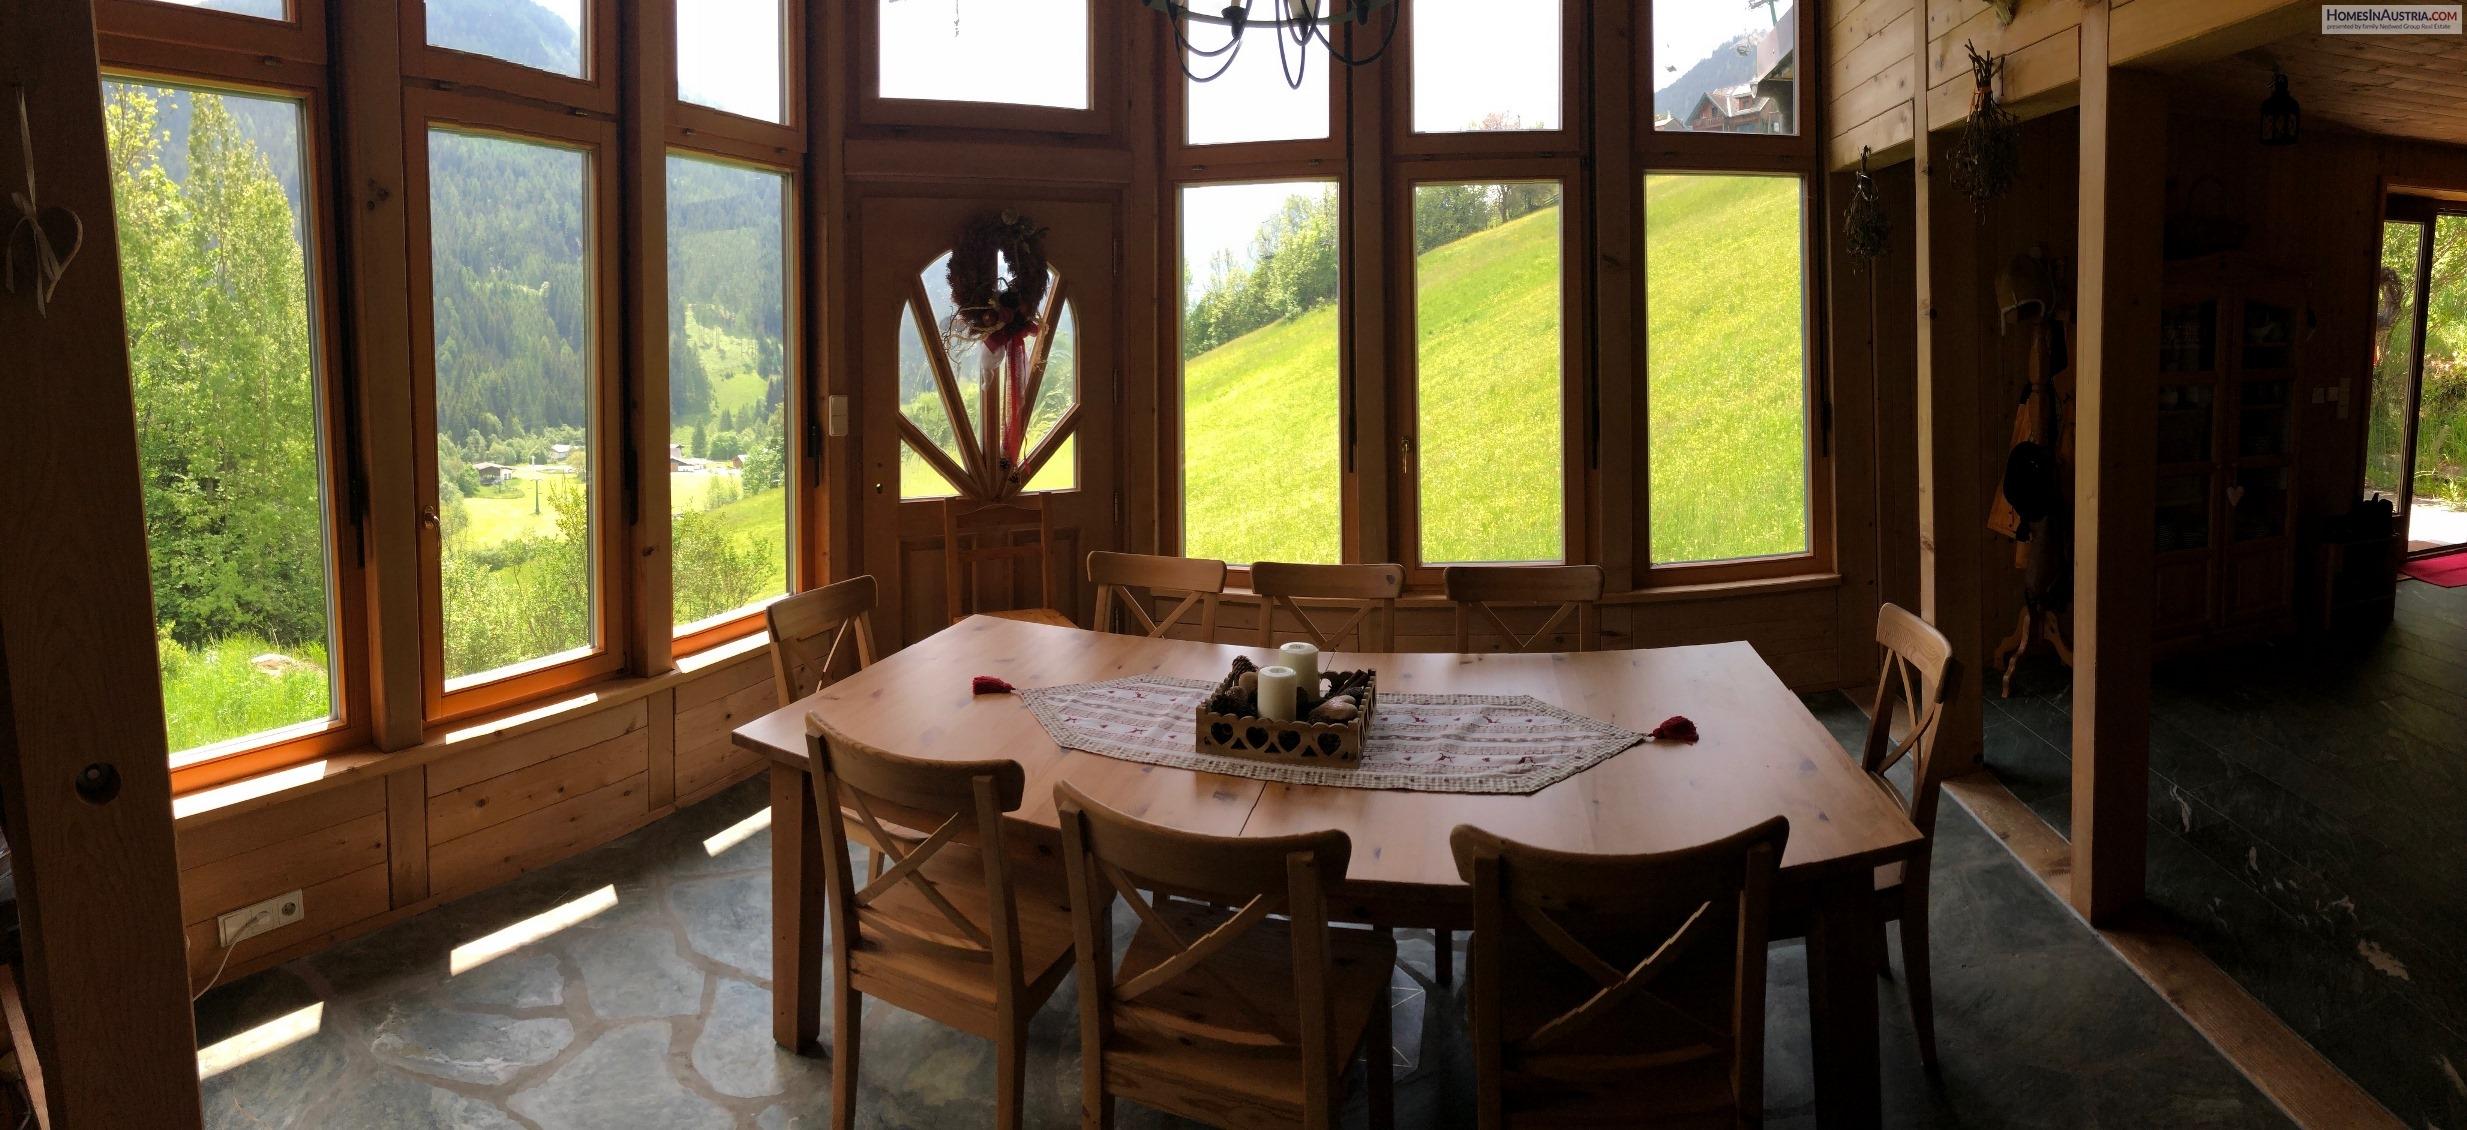 Bad Kleinkirchheim, Carinthia, 2 Apartments (SKI DIRECT) directly on the ski slope, rare opportunity